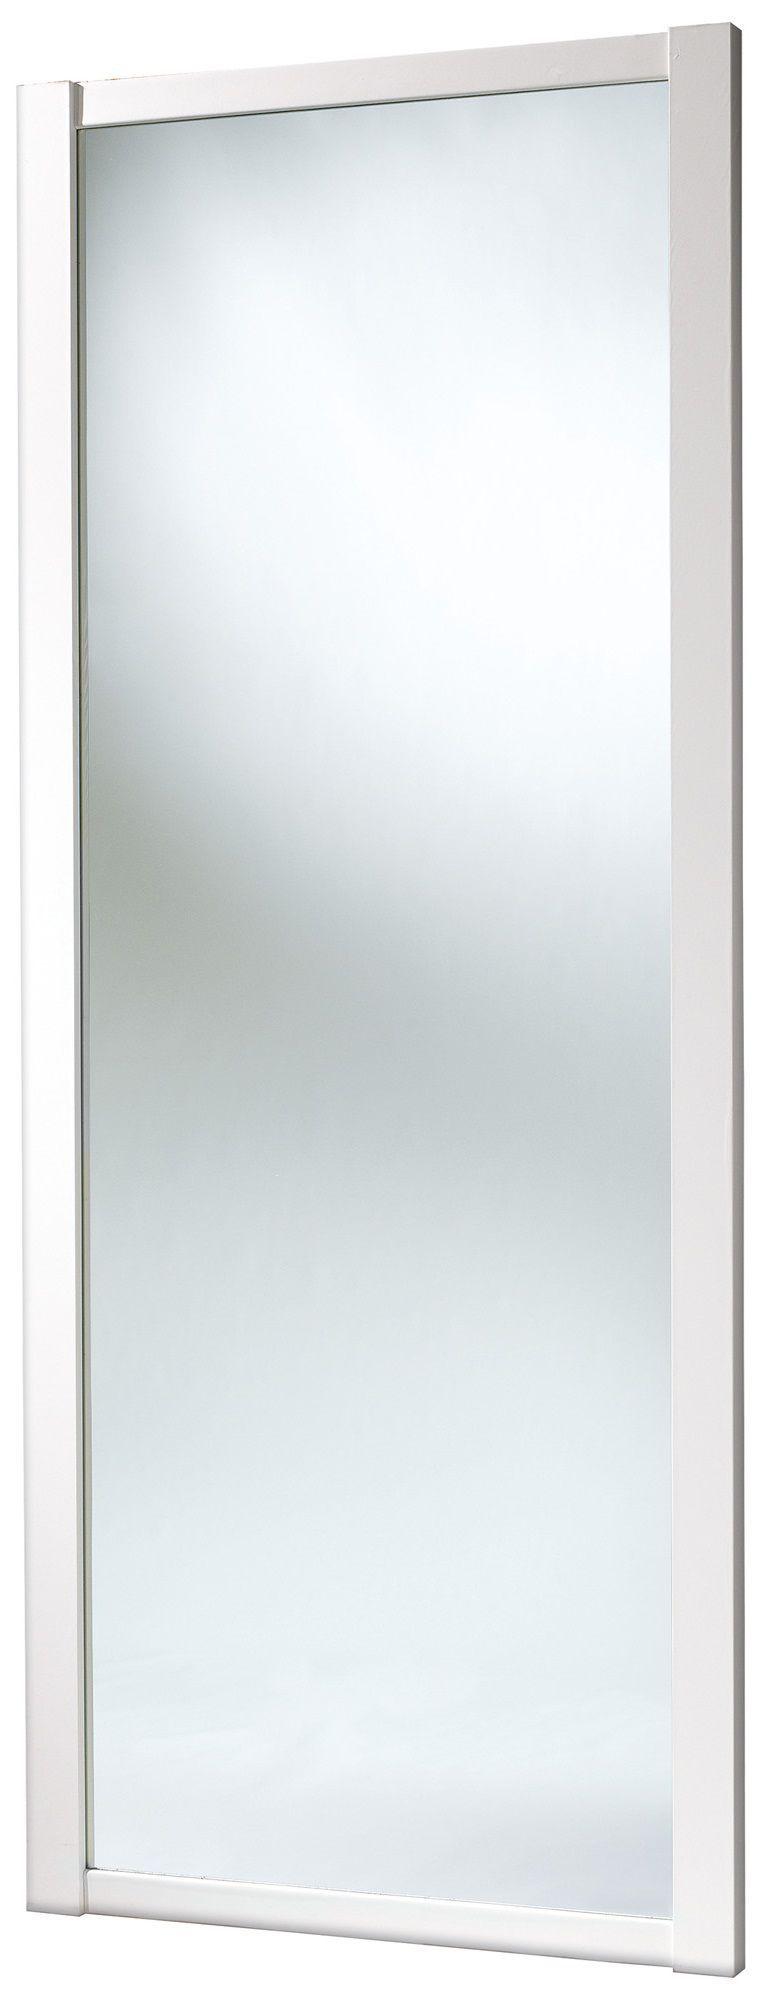 Shaker Full Length Mirror White Sliding Wardrobe Door (h)2220 Mm (w)914mm